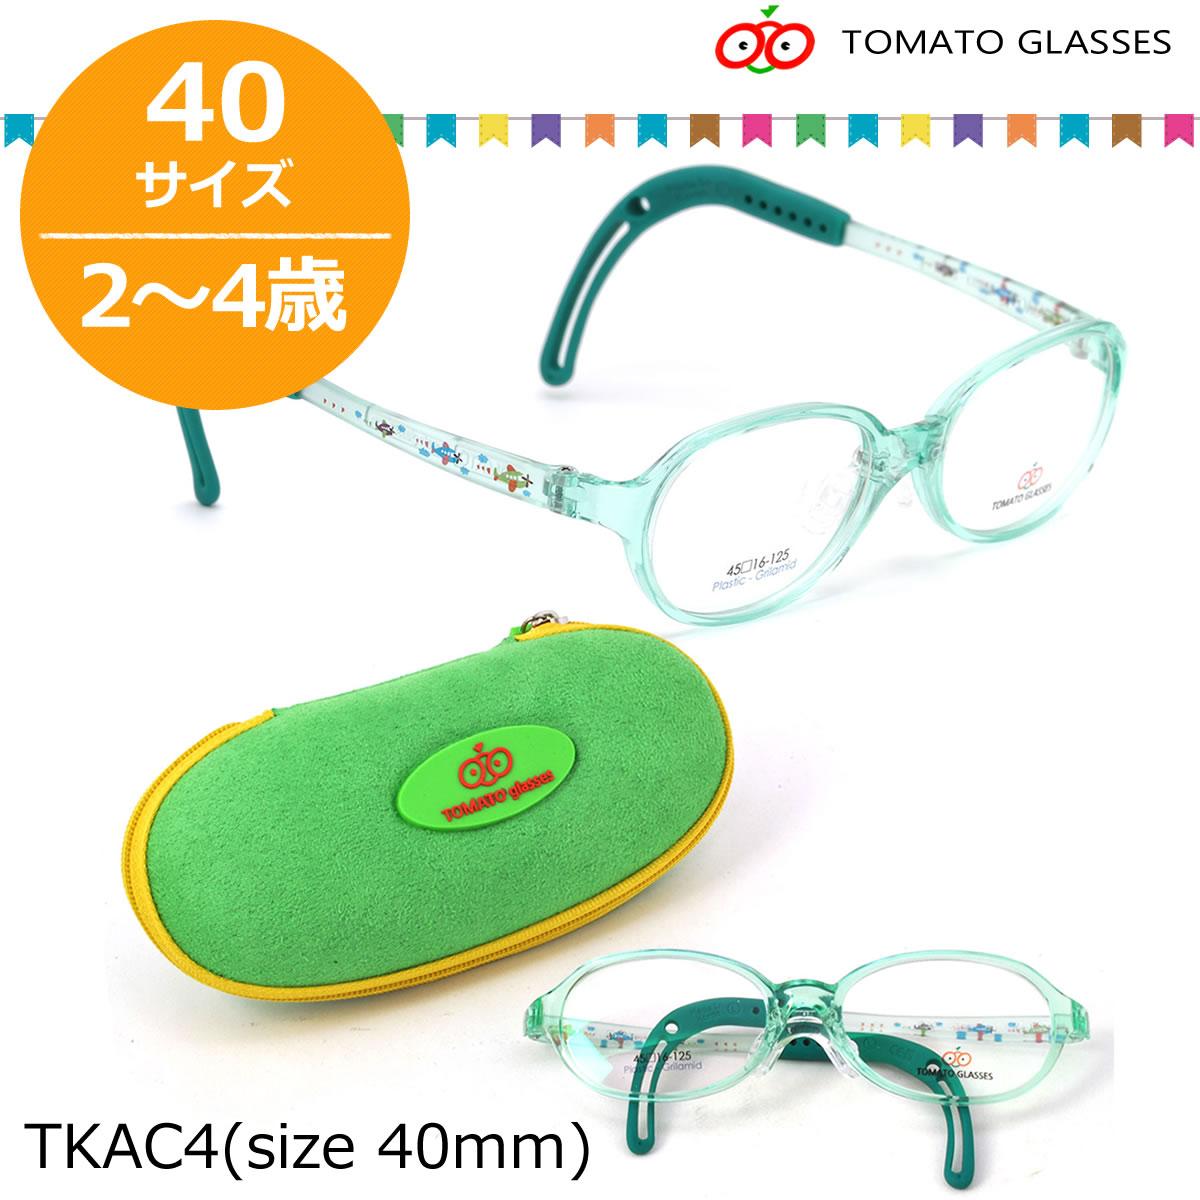 眼鏡・サングラス, 眼鏡 TOMATO GLASSES TKAC 4 40 A 24 TOMATO GLASSES